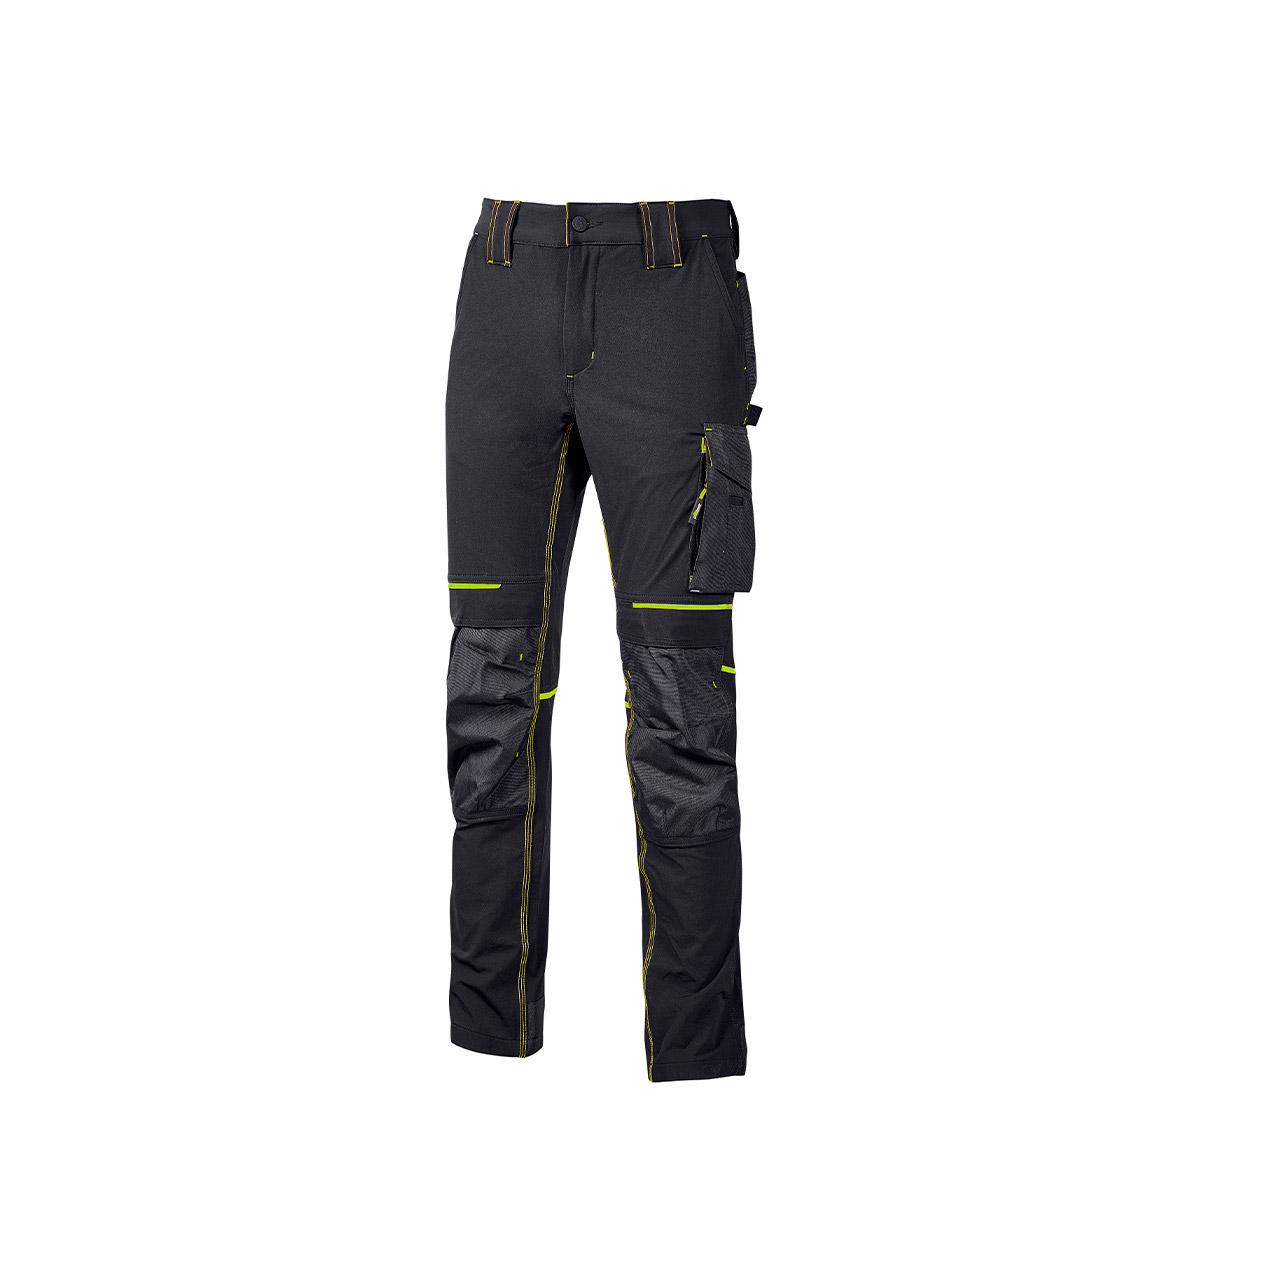 pantalone da lavoro upower modello atom colore asphalt grey green